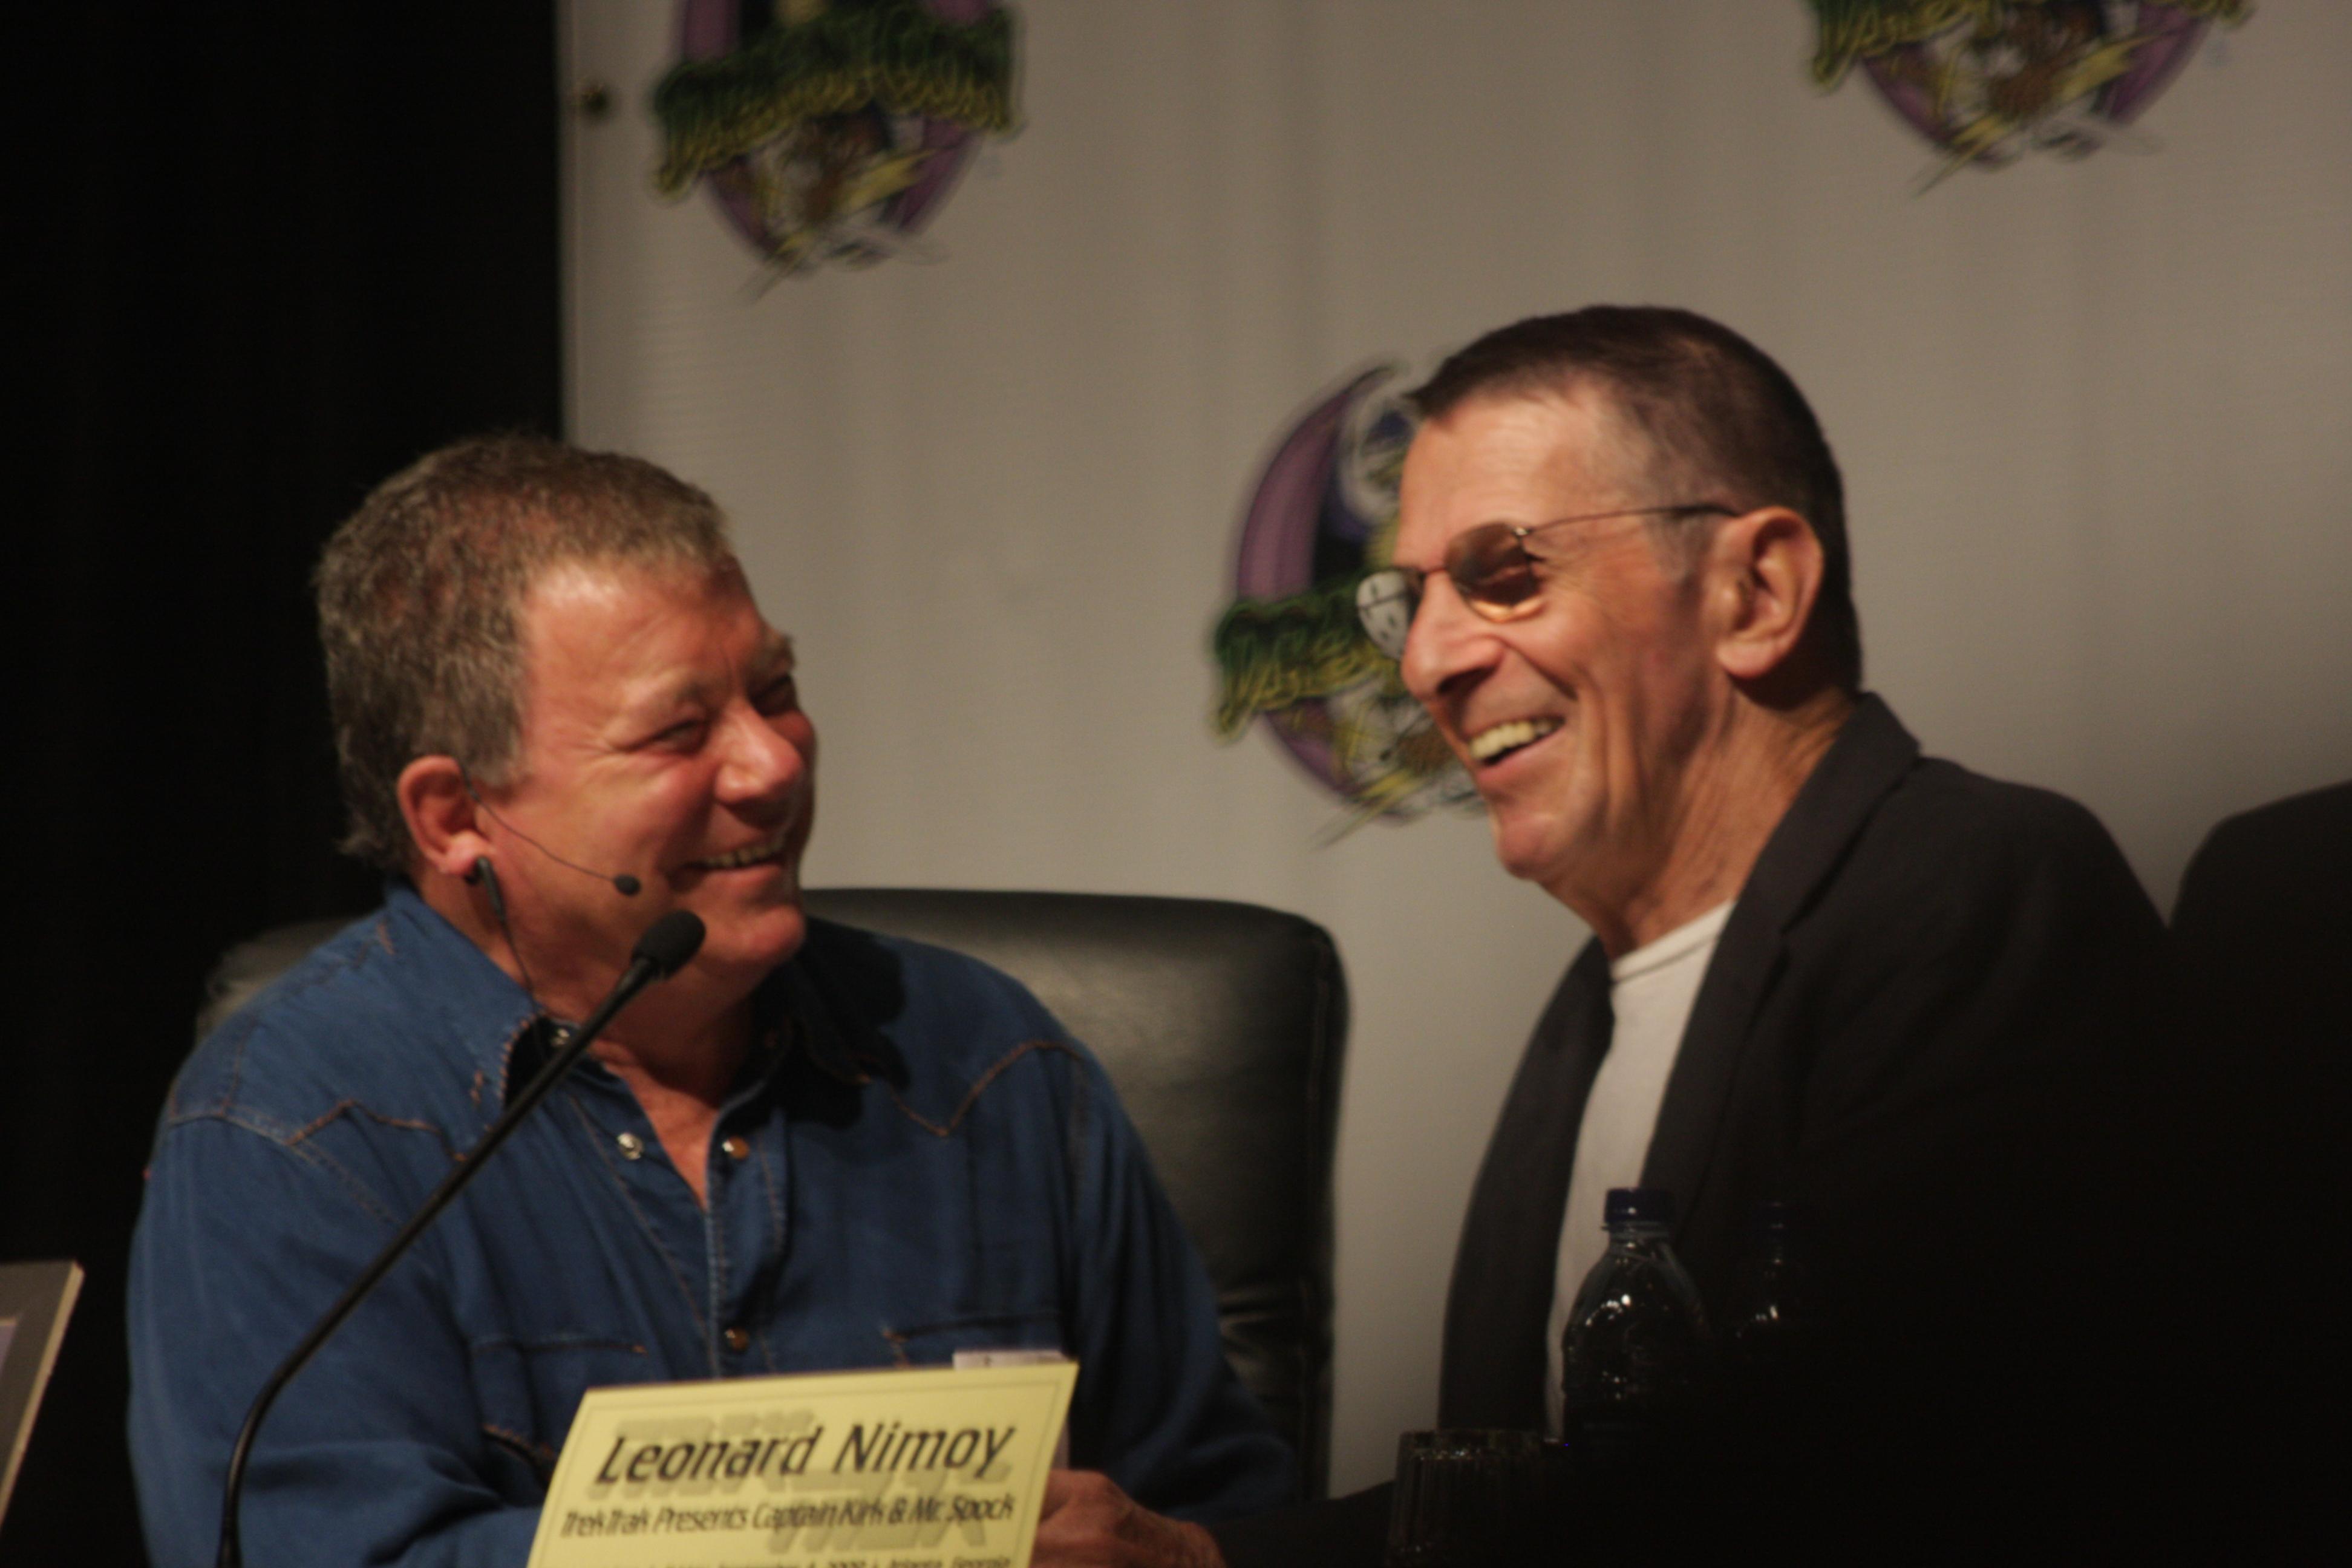 William Shatner & Leonard Nimroy